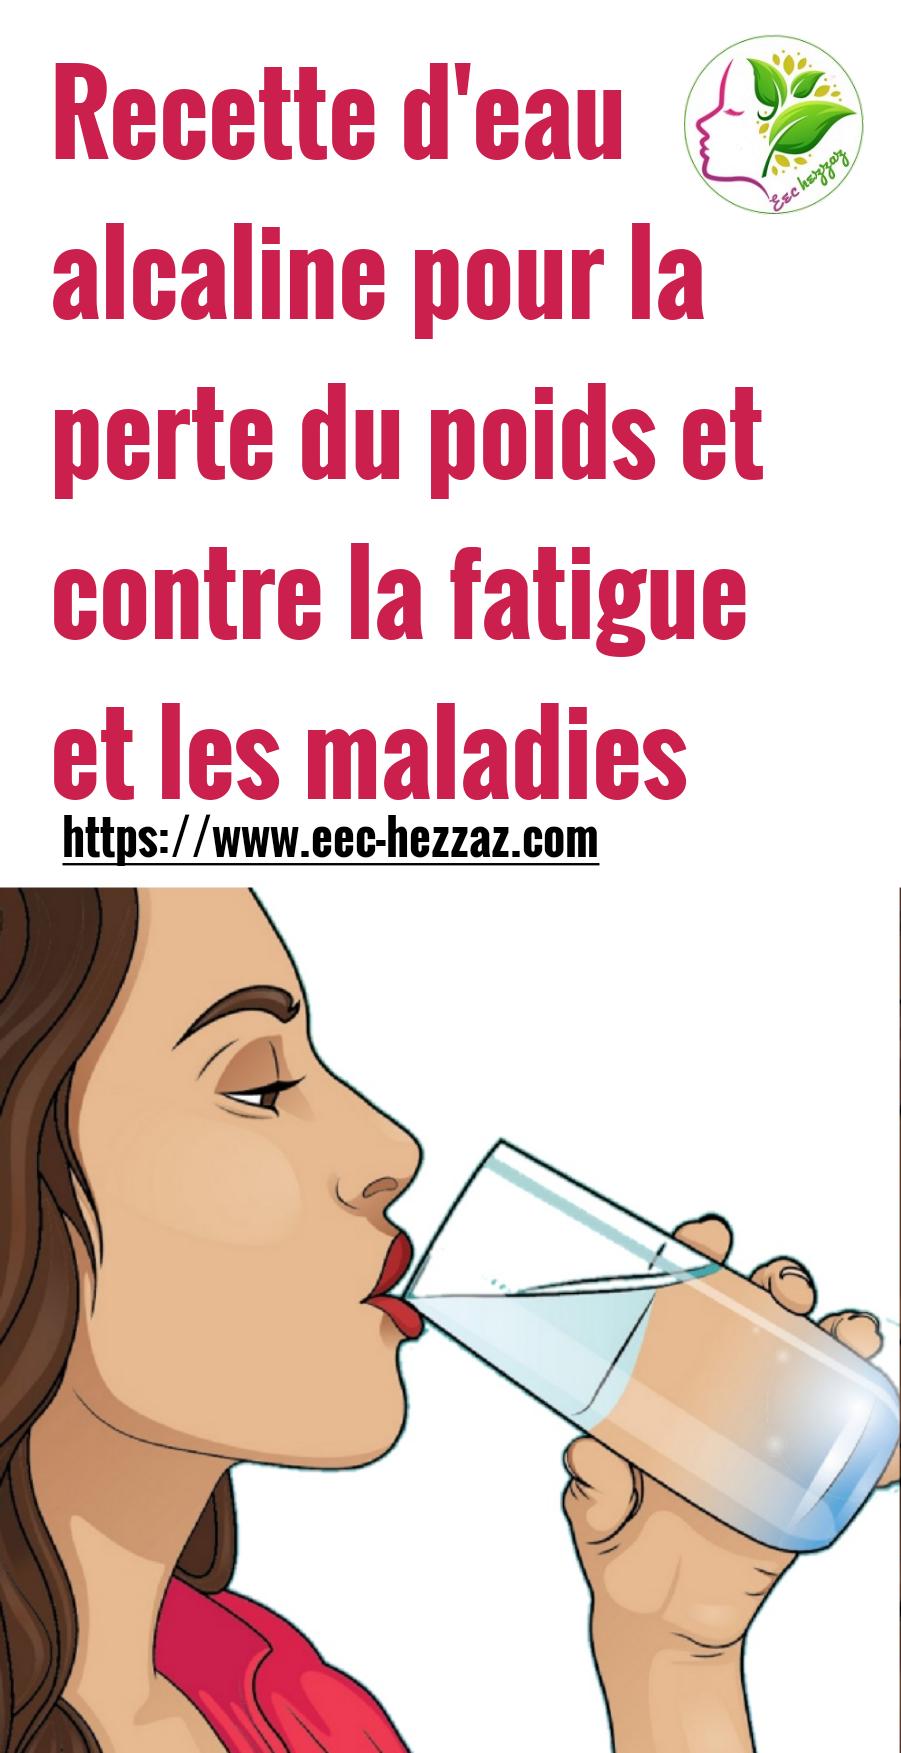 Recette d'eau alcaline pour la perte du poids et contre la fatigue et les maladies